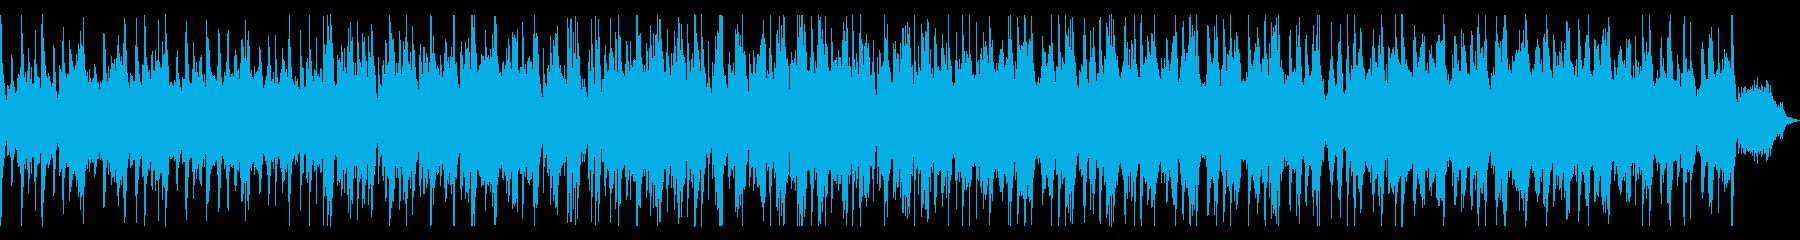 三拍子のほのぼのとしたジャズの再生済みの波形